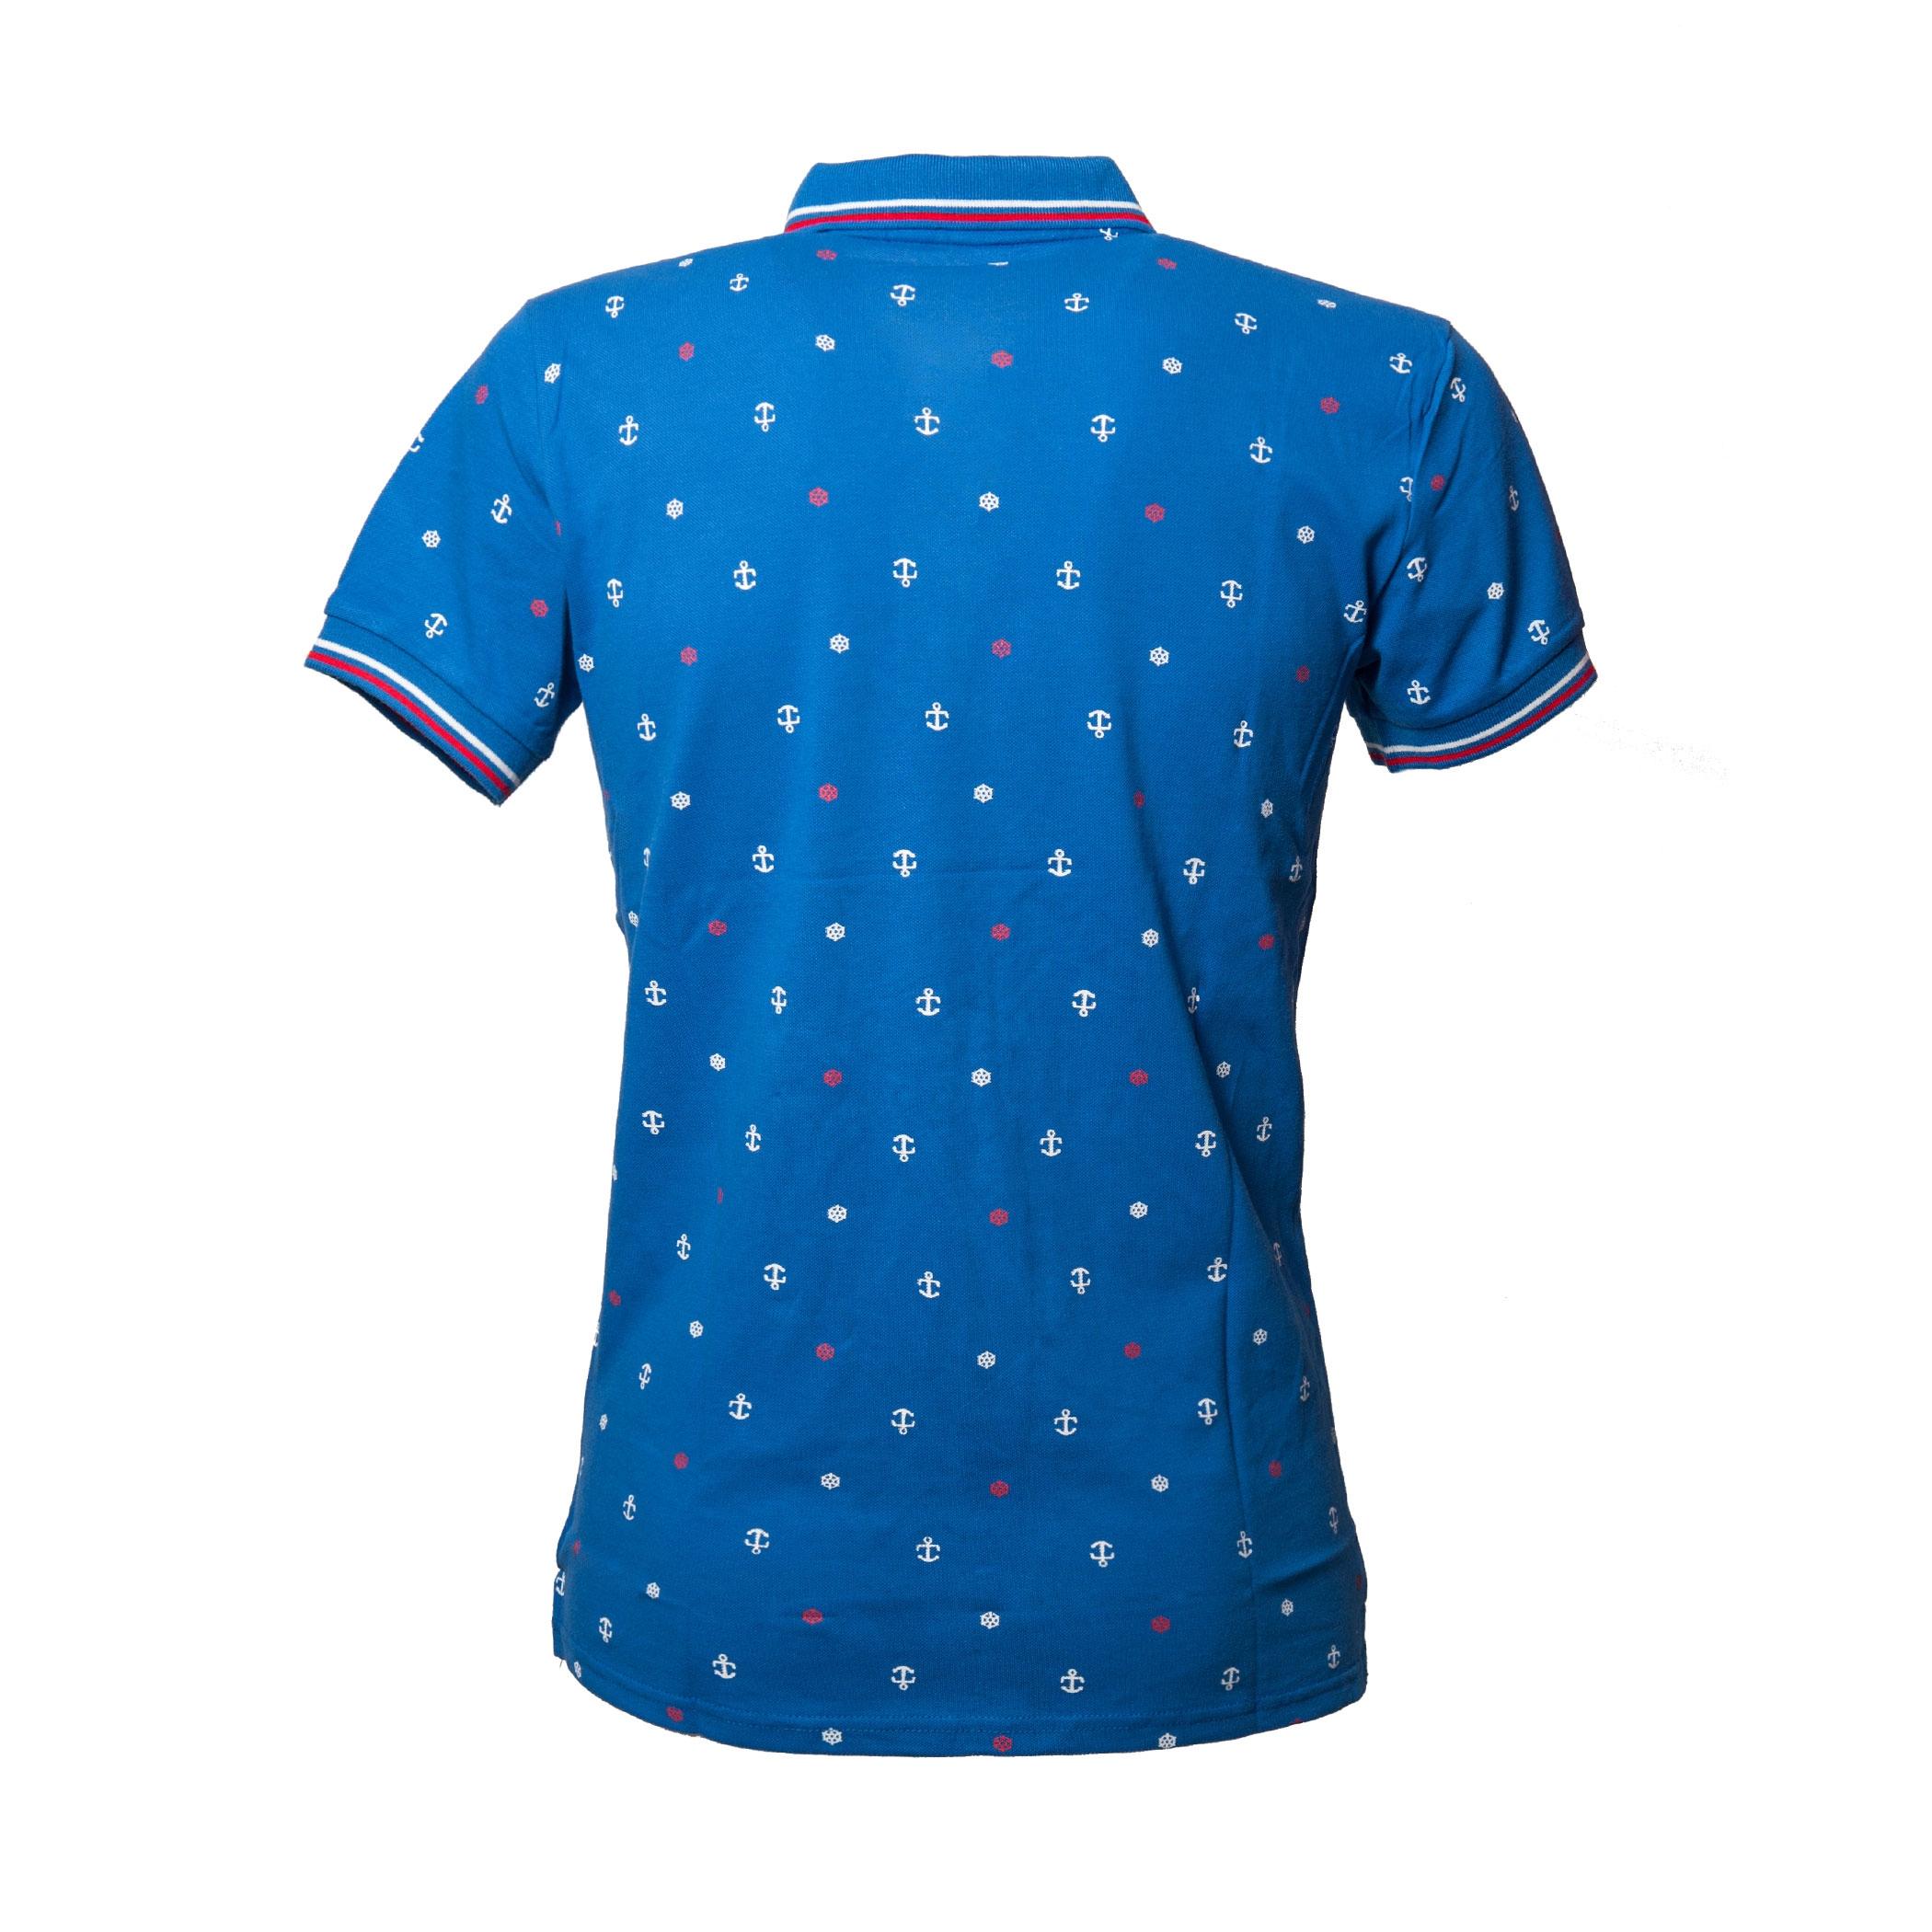 Polo-Uomo-Manica-Corta-Cotone-Casual-Maglietta-Slim-Fit-Maglia-Sportiva-T-shirt miniatura 9